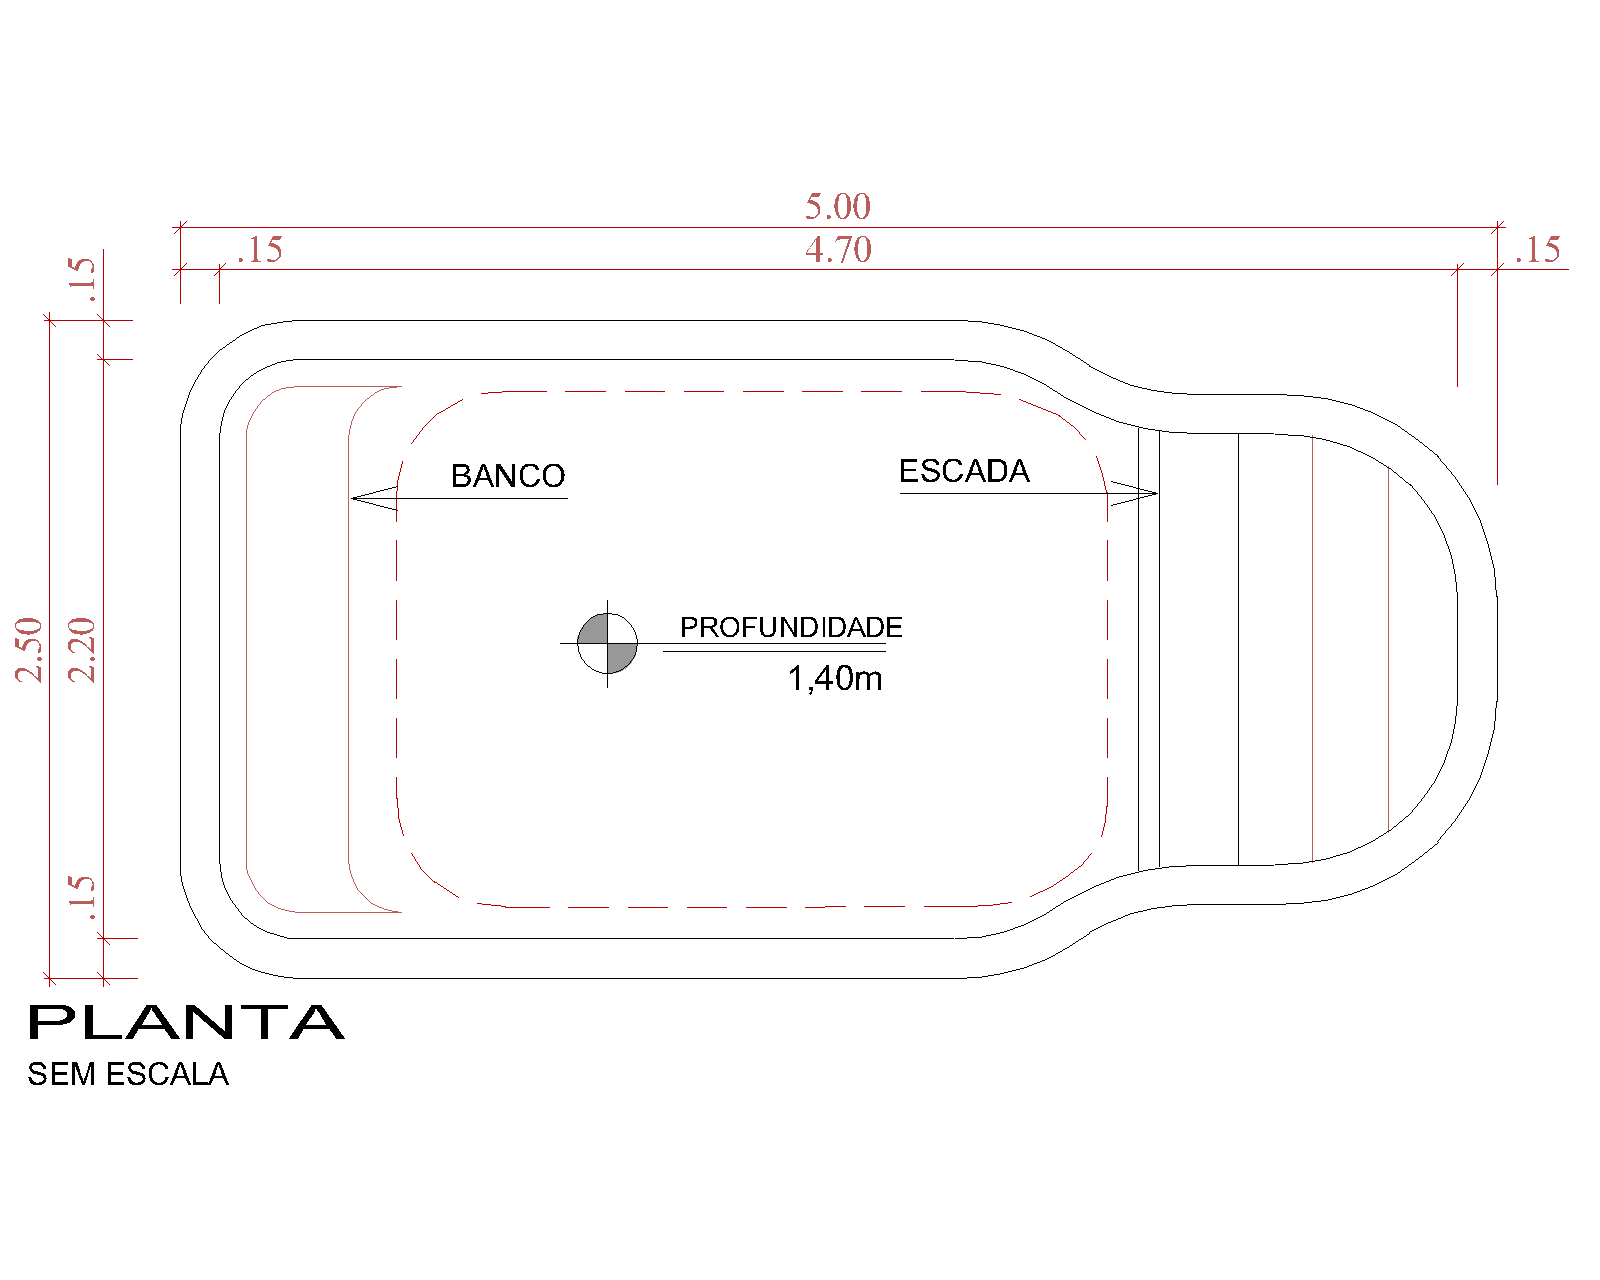 Desenho técnico Atlântida (sem escala)